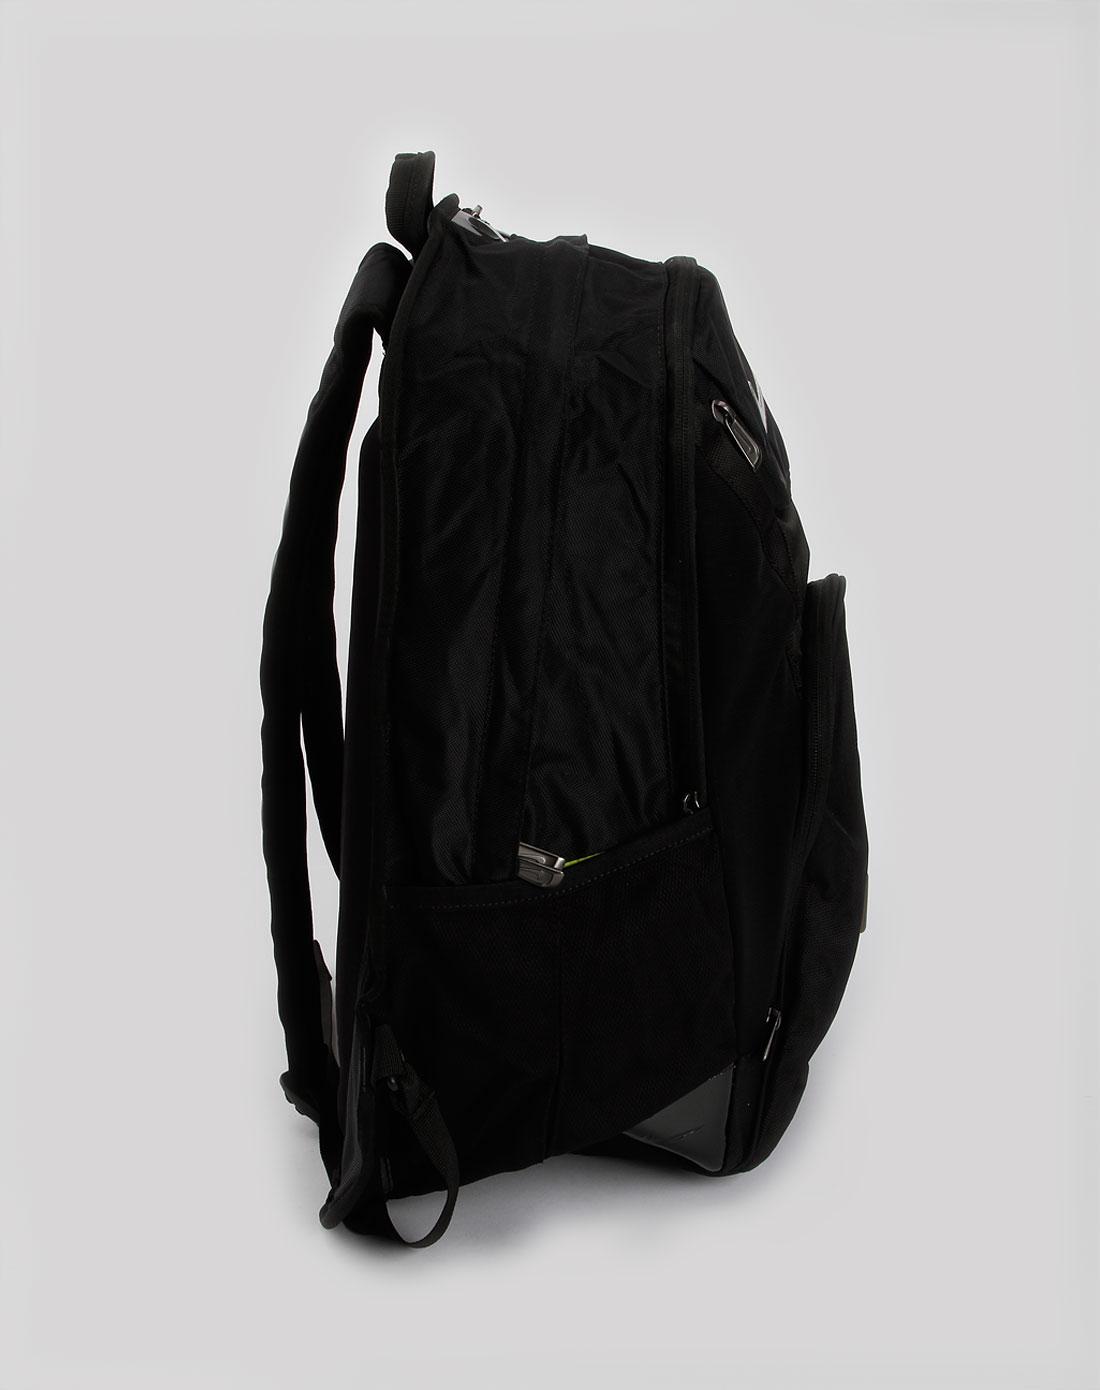 耐克nike-男装专场中性黑色时尚中背包